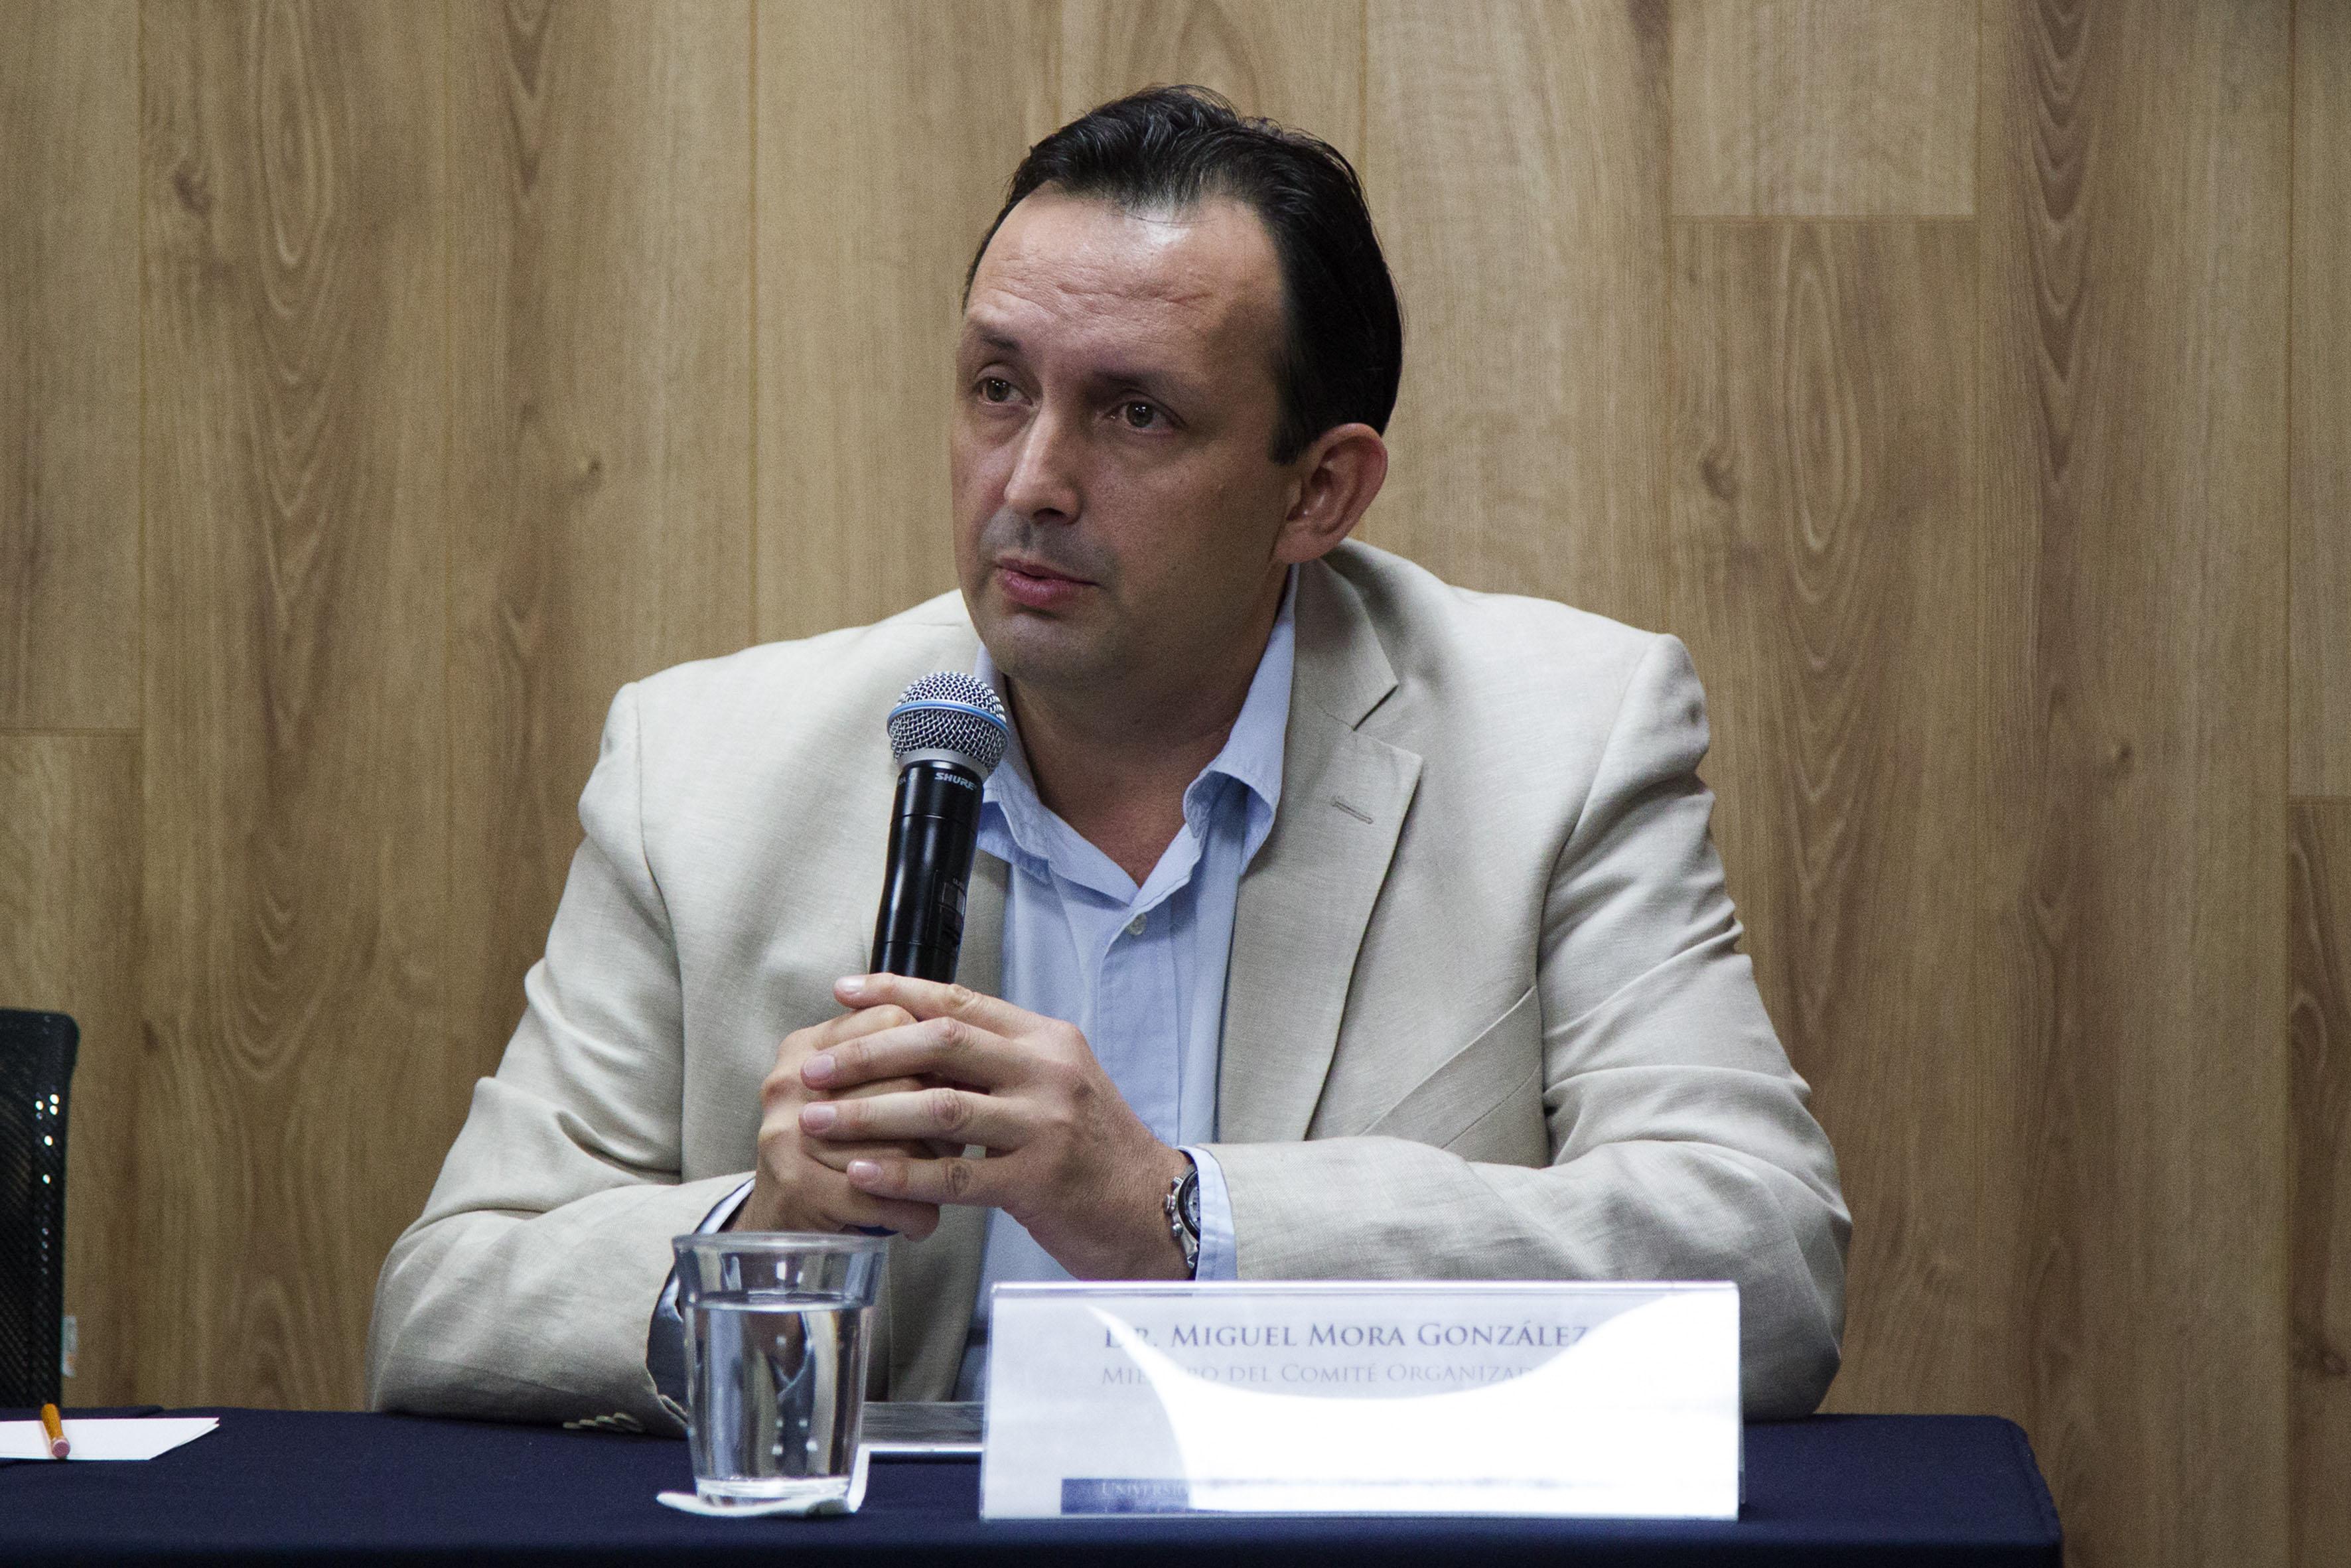 Dr Miguel Mora González, miembro del Comité organizador, haciendo uso de la palabra